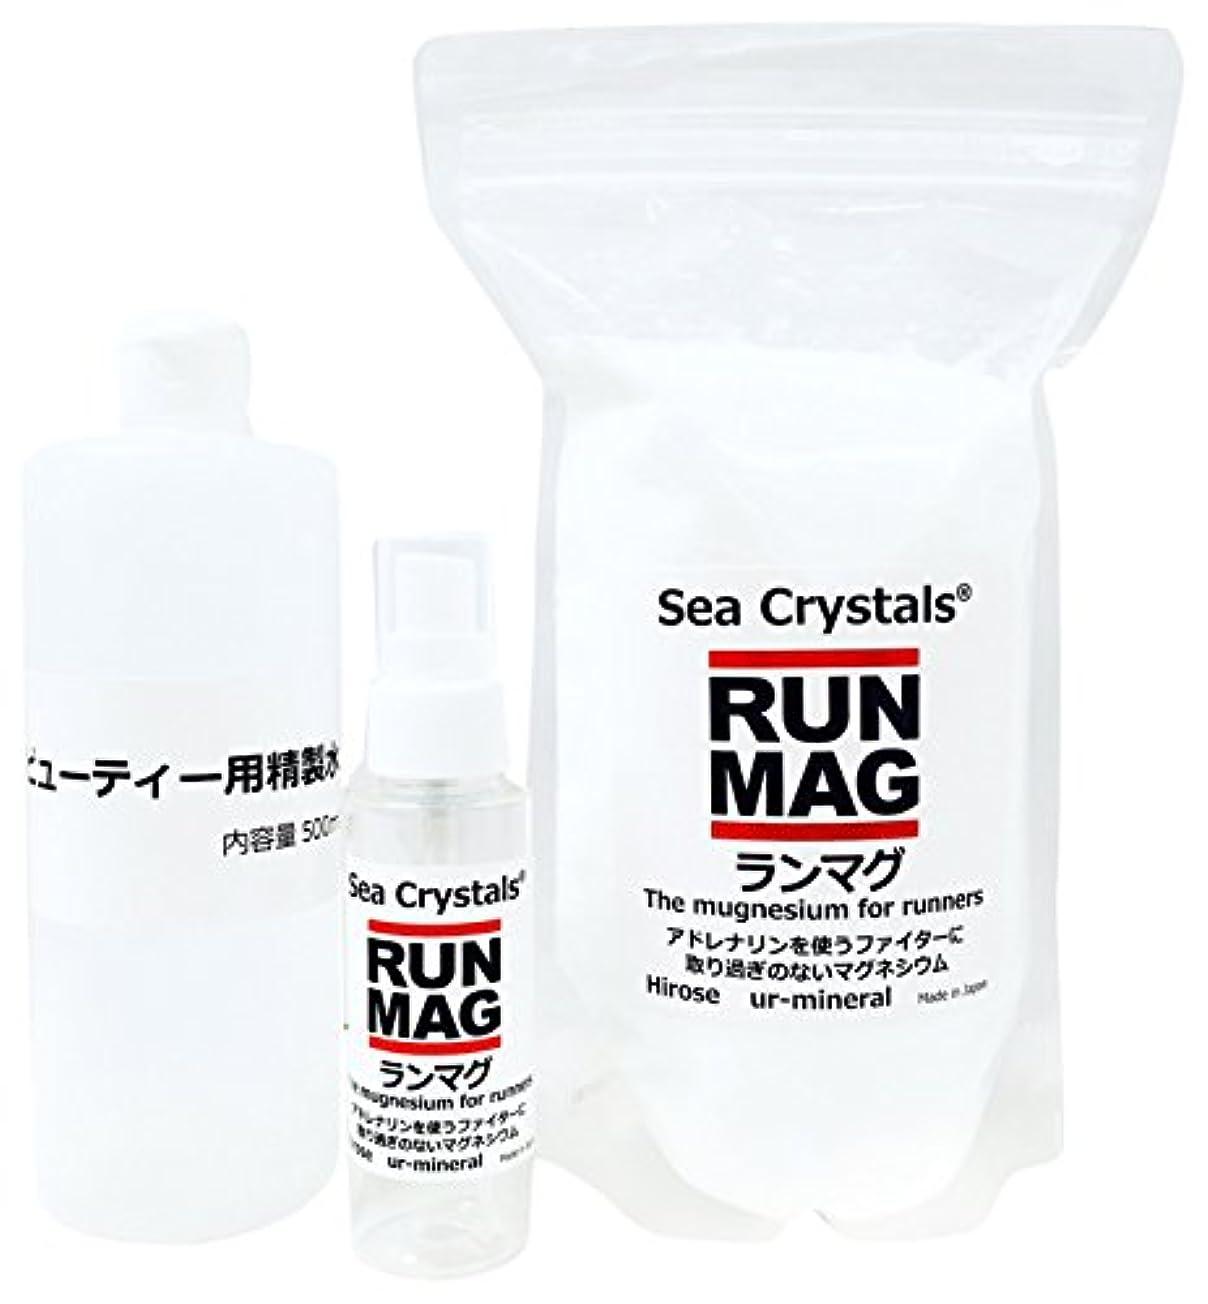 お酒専門快いランマグ?マグネシウムオイル 500g 化粧品登録 日本製 1日マグネシウム360mg使用  精製水付き